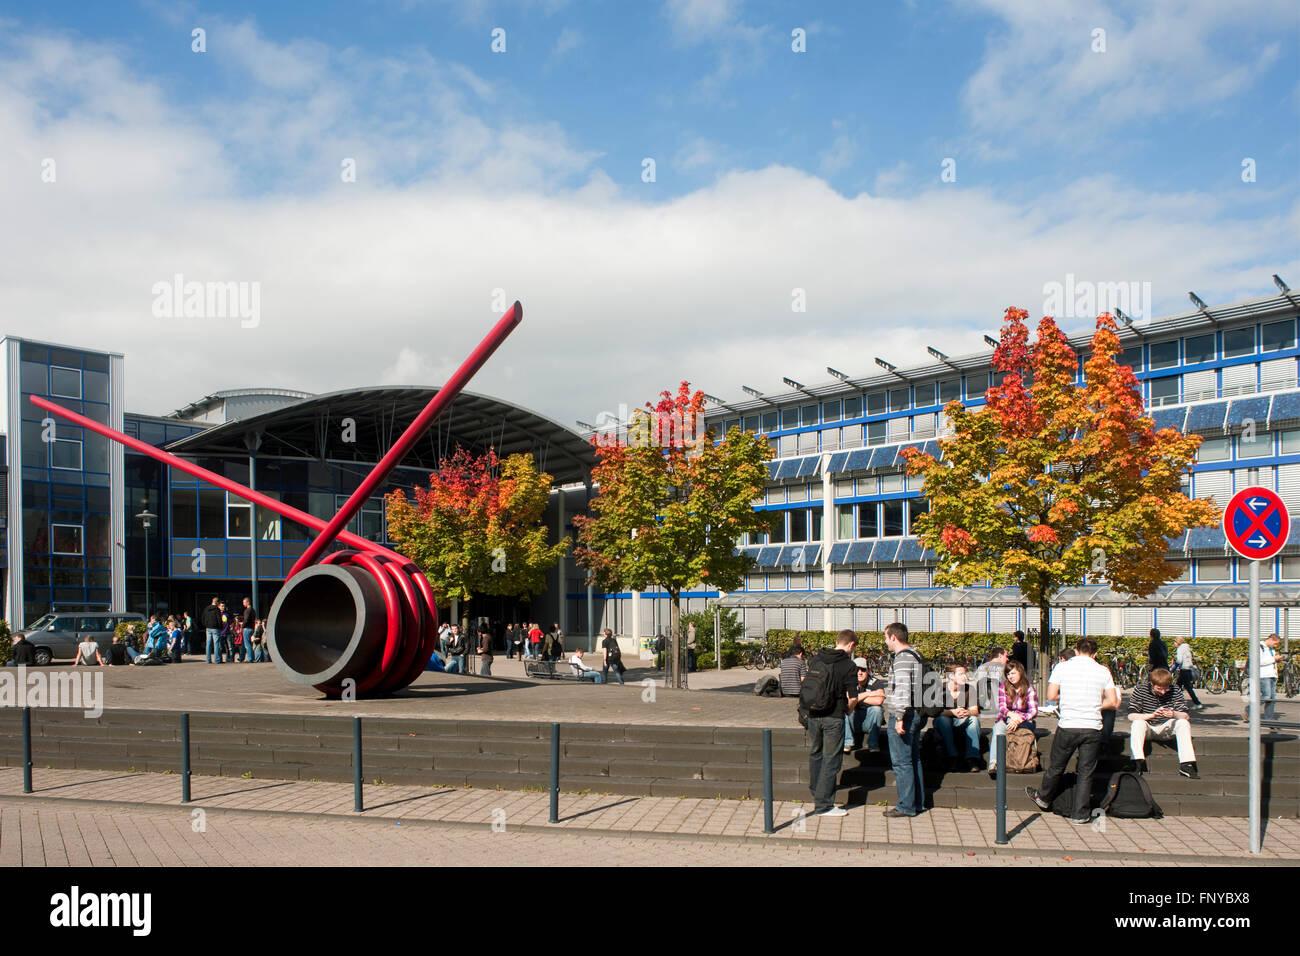 Deutschland, Nordrhein-Westfalen, Rhein-Sieg-Kreis, Sankt Augustin, Hochschule Bonn-Rhein-Sieg - Stock Image